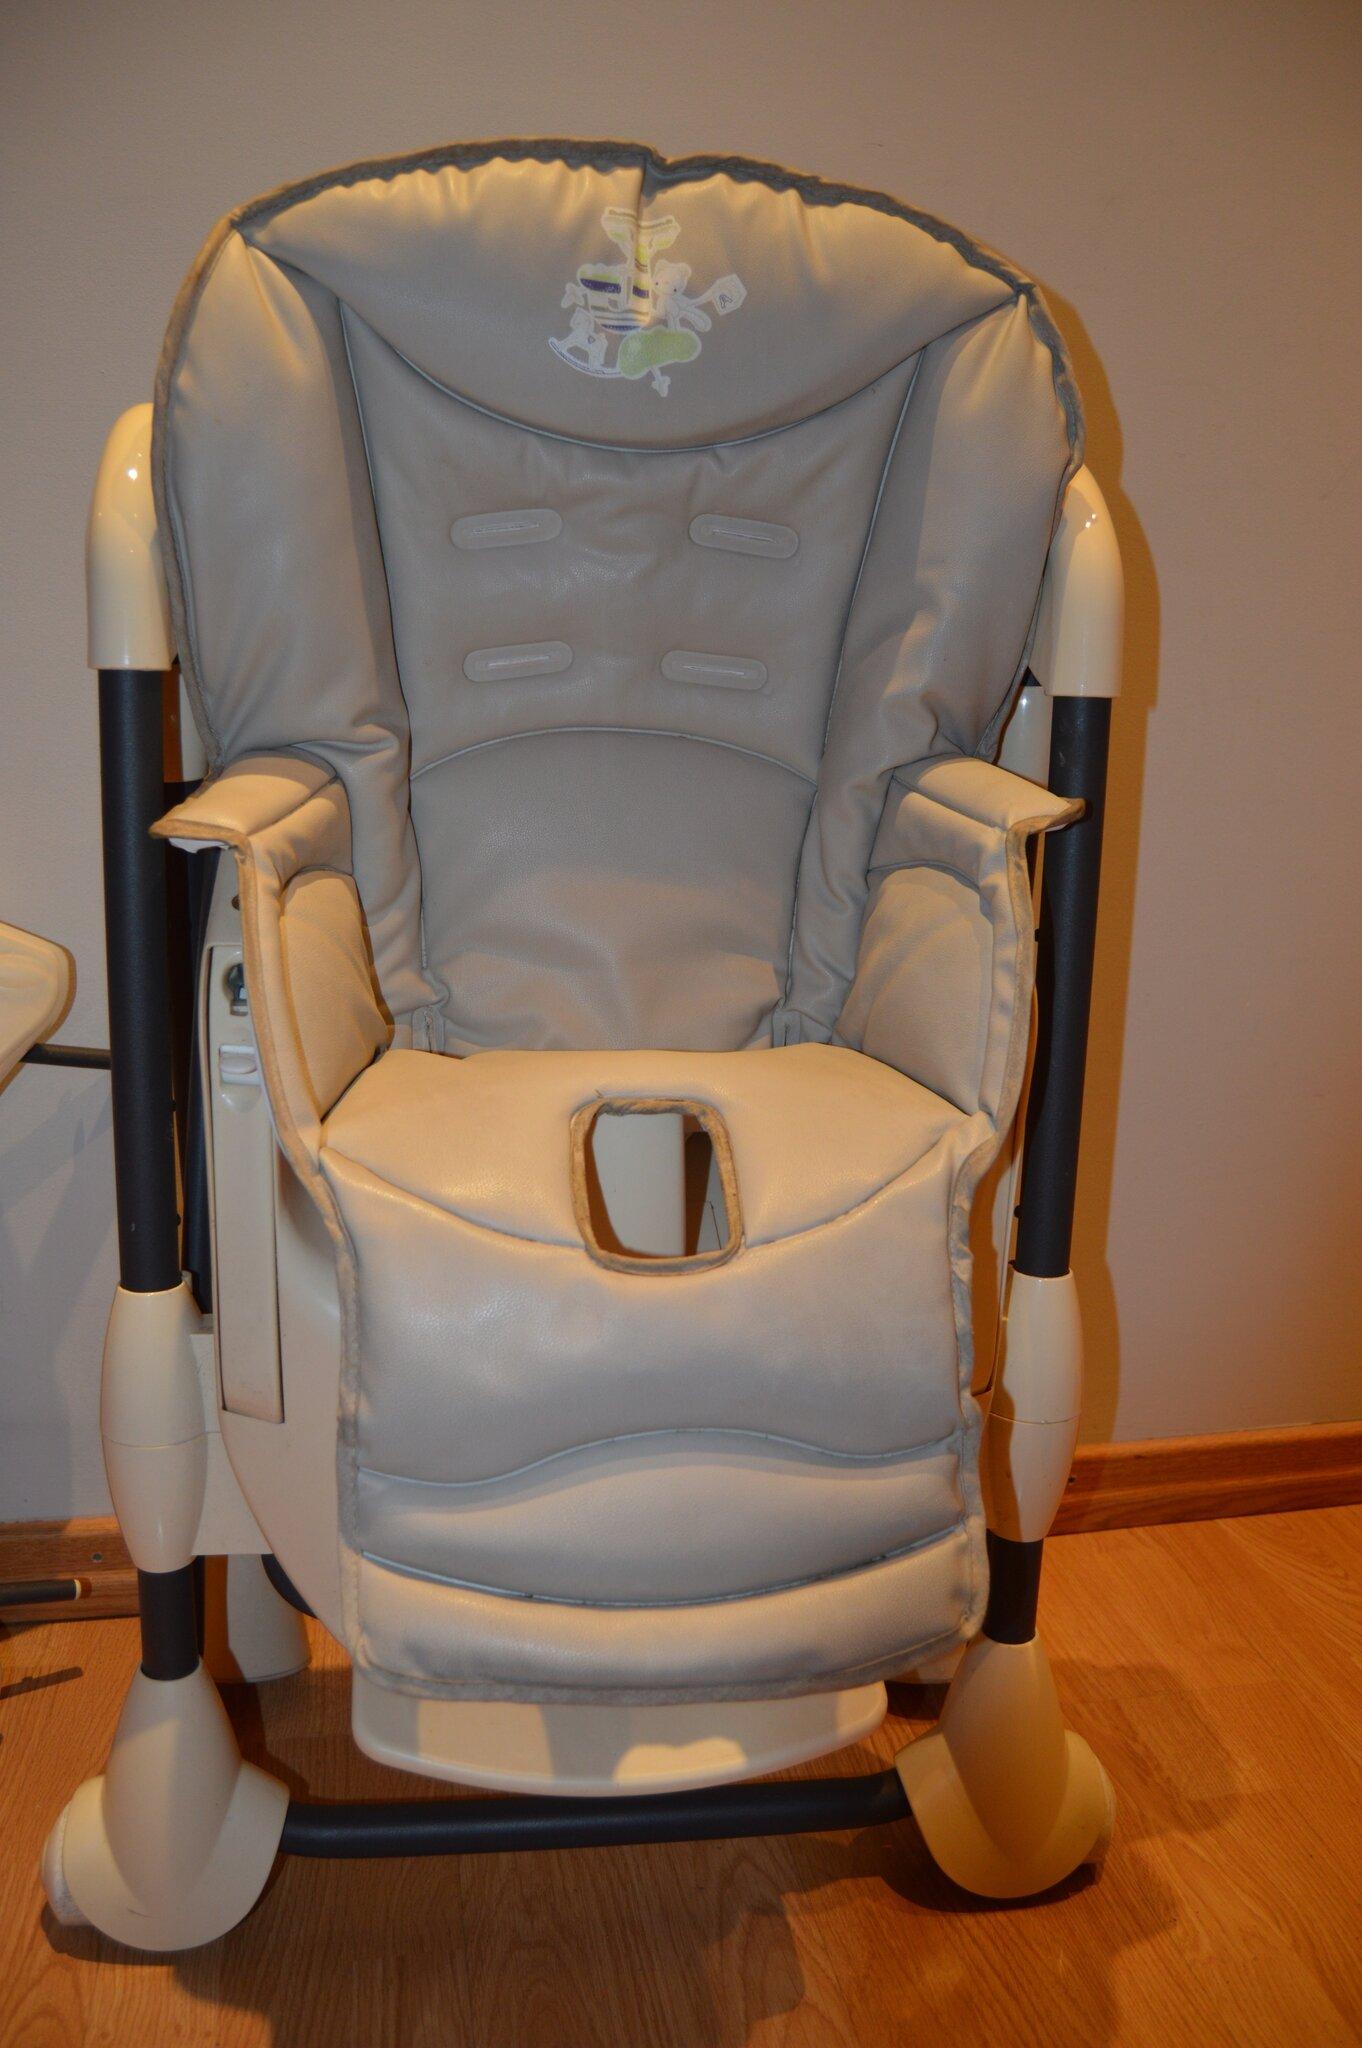 Housse de chaise haute omega for Housse chaise haute omega